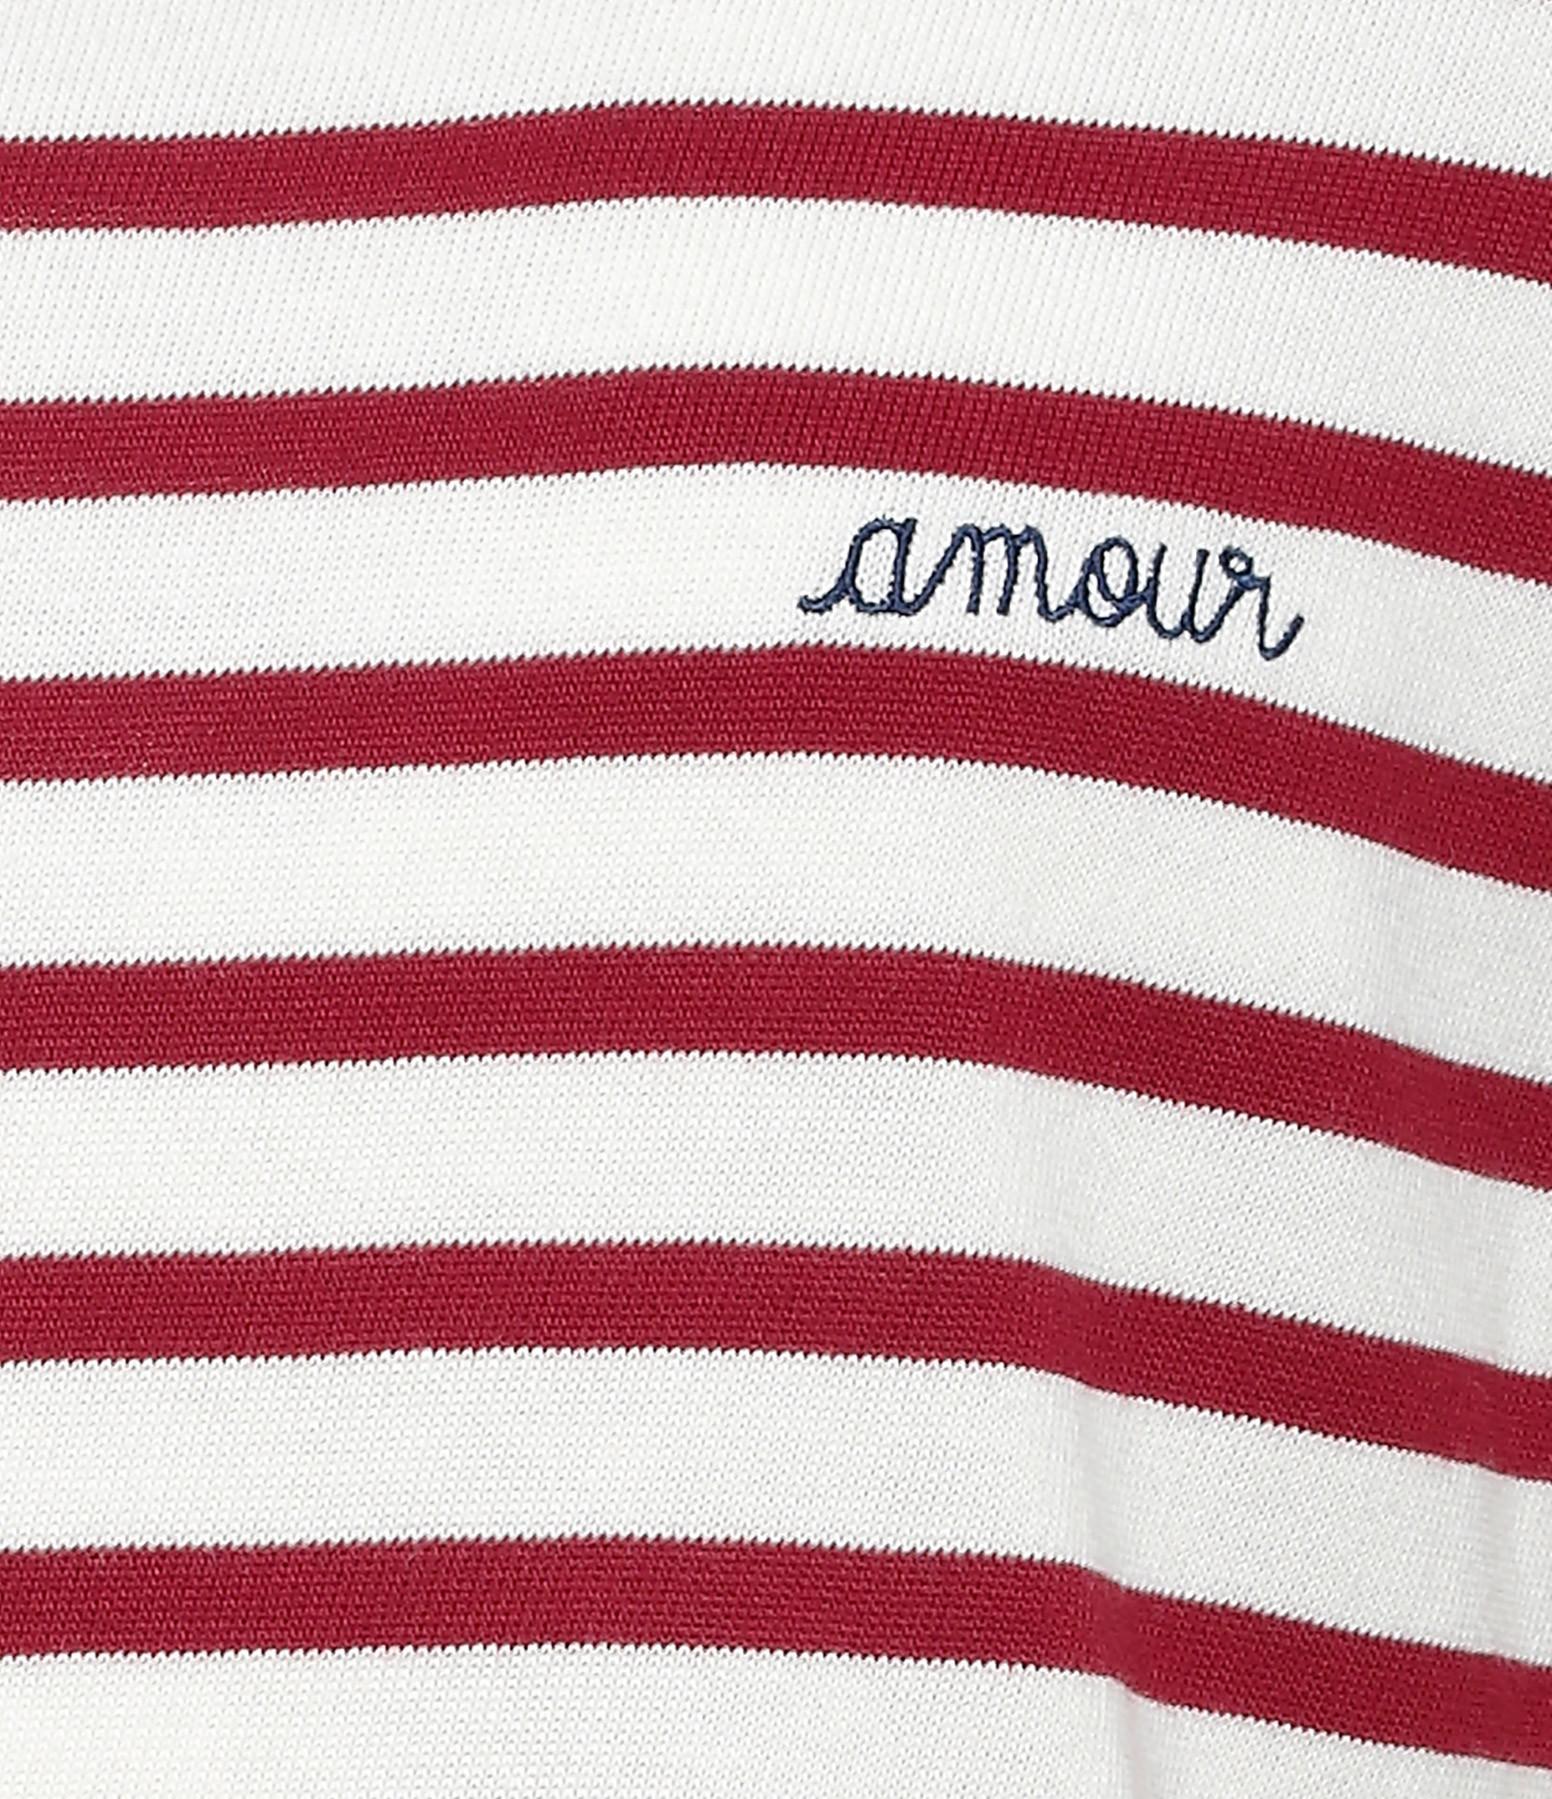 MAISON LABICHE - Tee-shirt Amour Rayures Bordeaux Ivoire